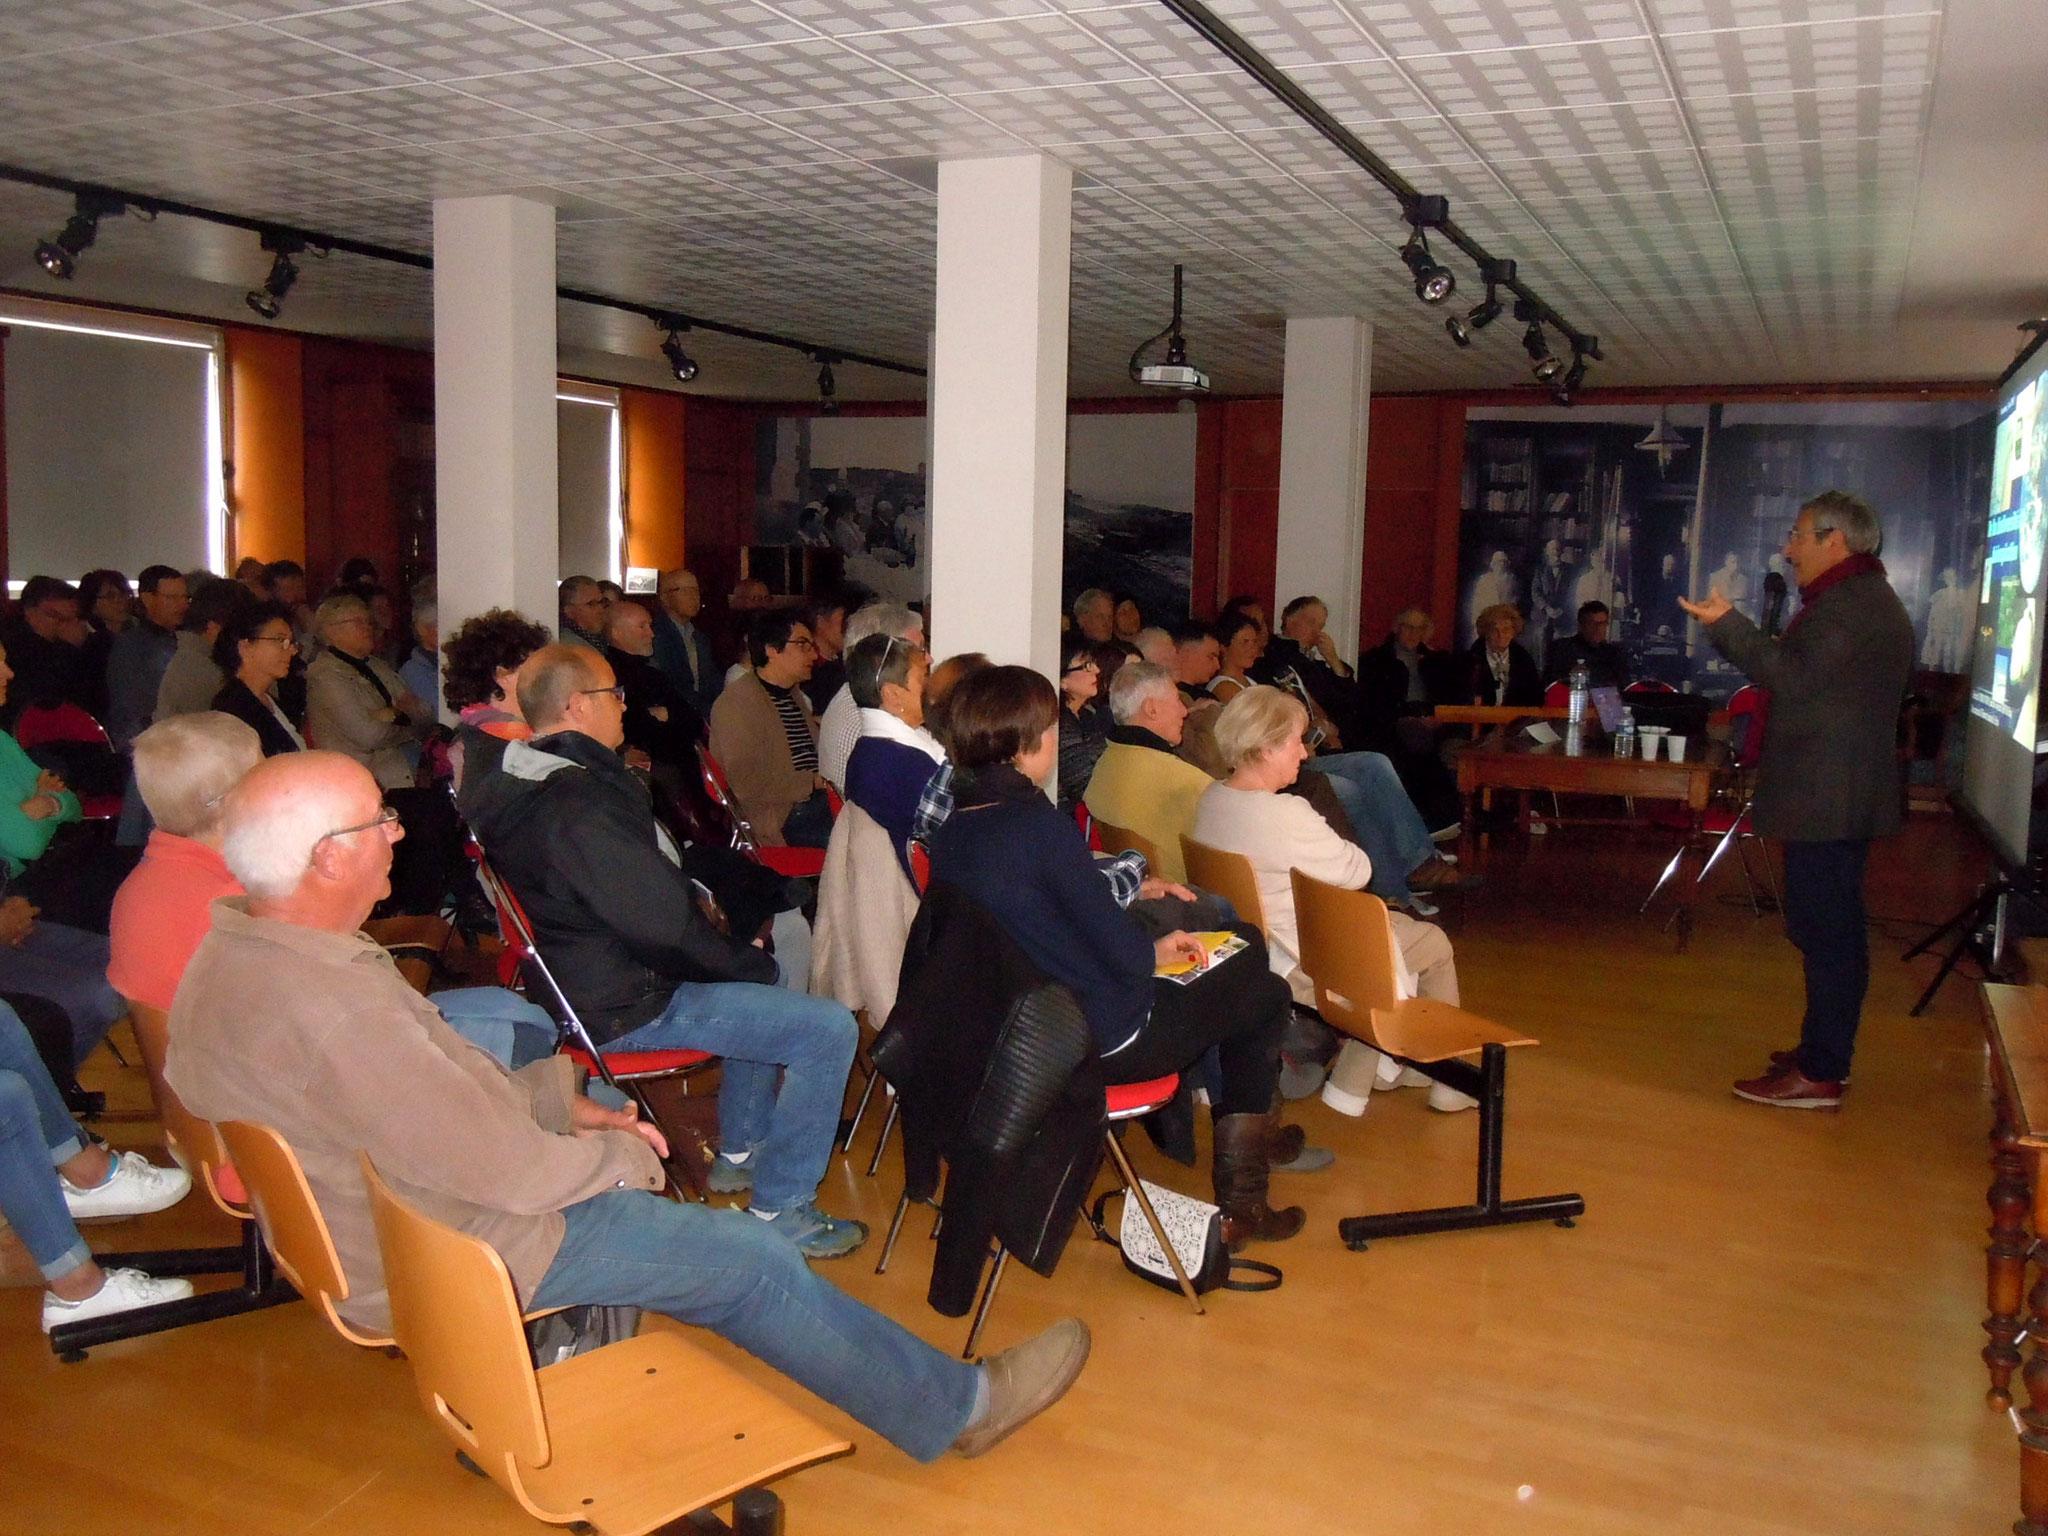 Salle comble pour la conférence de Gilles Bœuf à la Station de biologie marine © C. Le Bonhomme